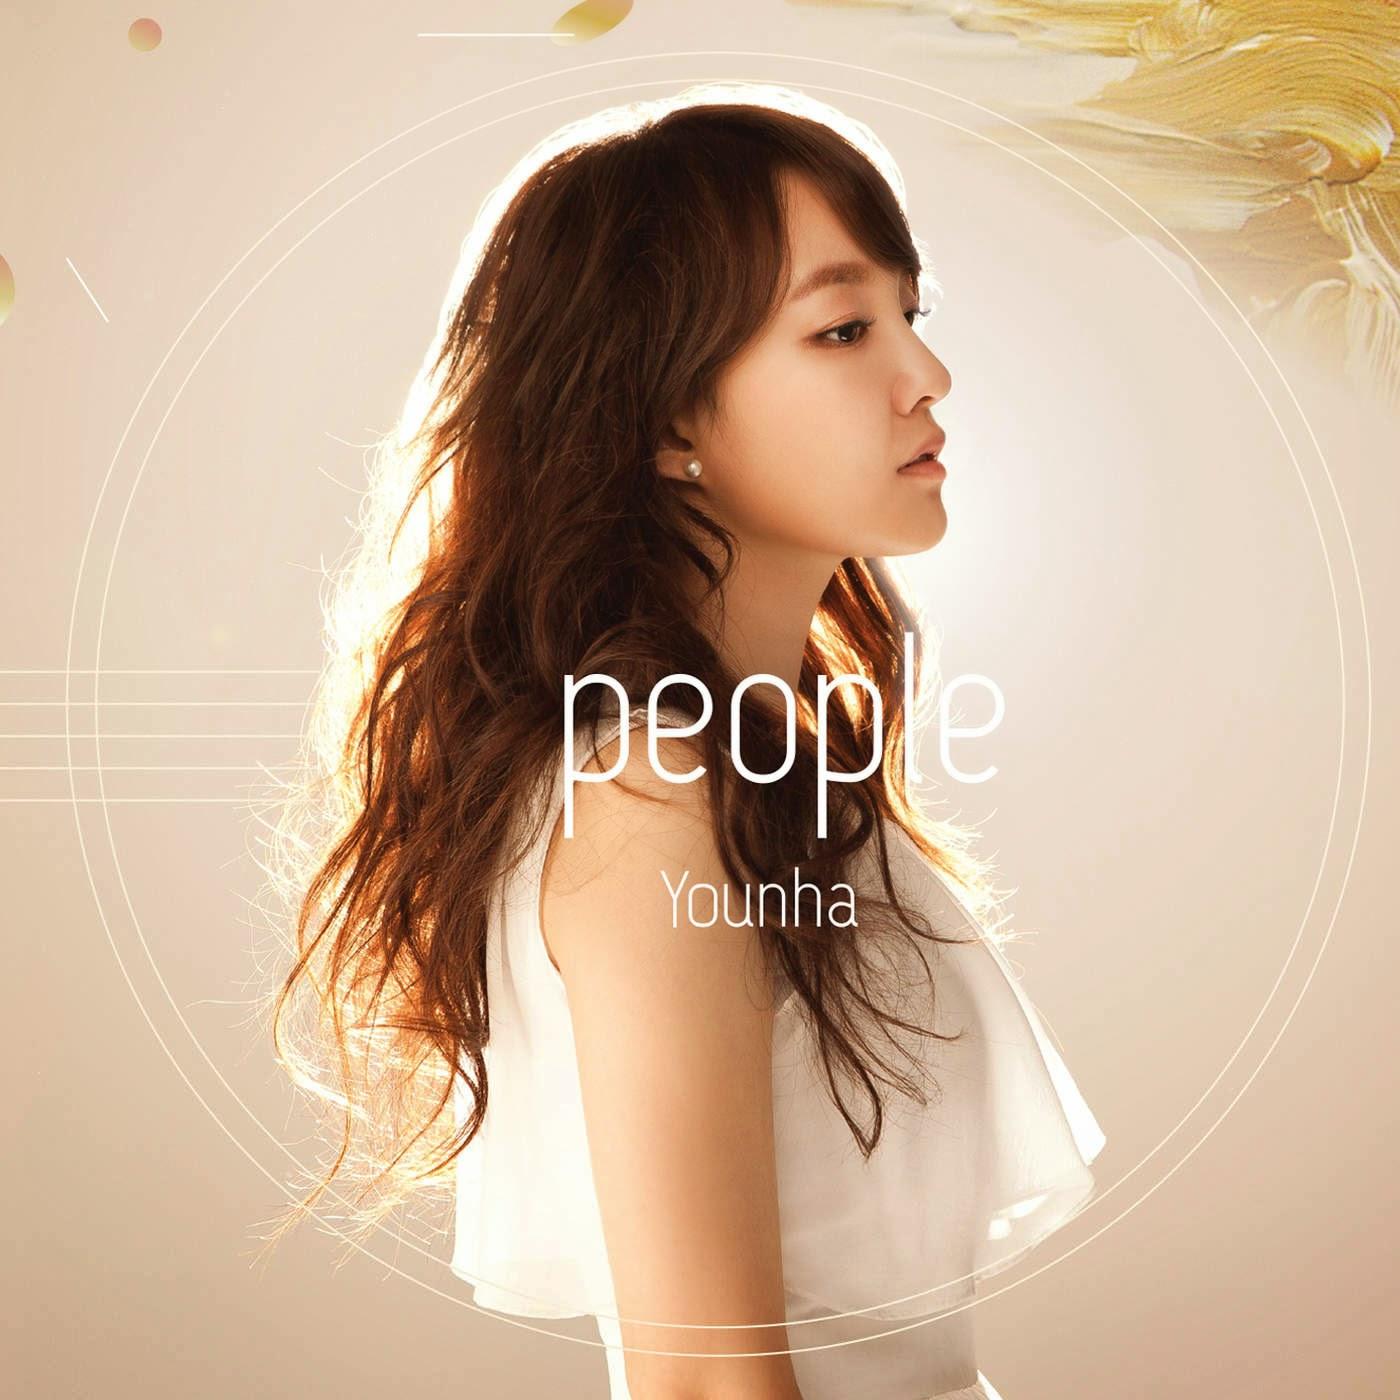 ユンナ(Younha) - People [Mini Album]